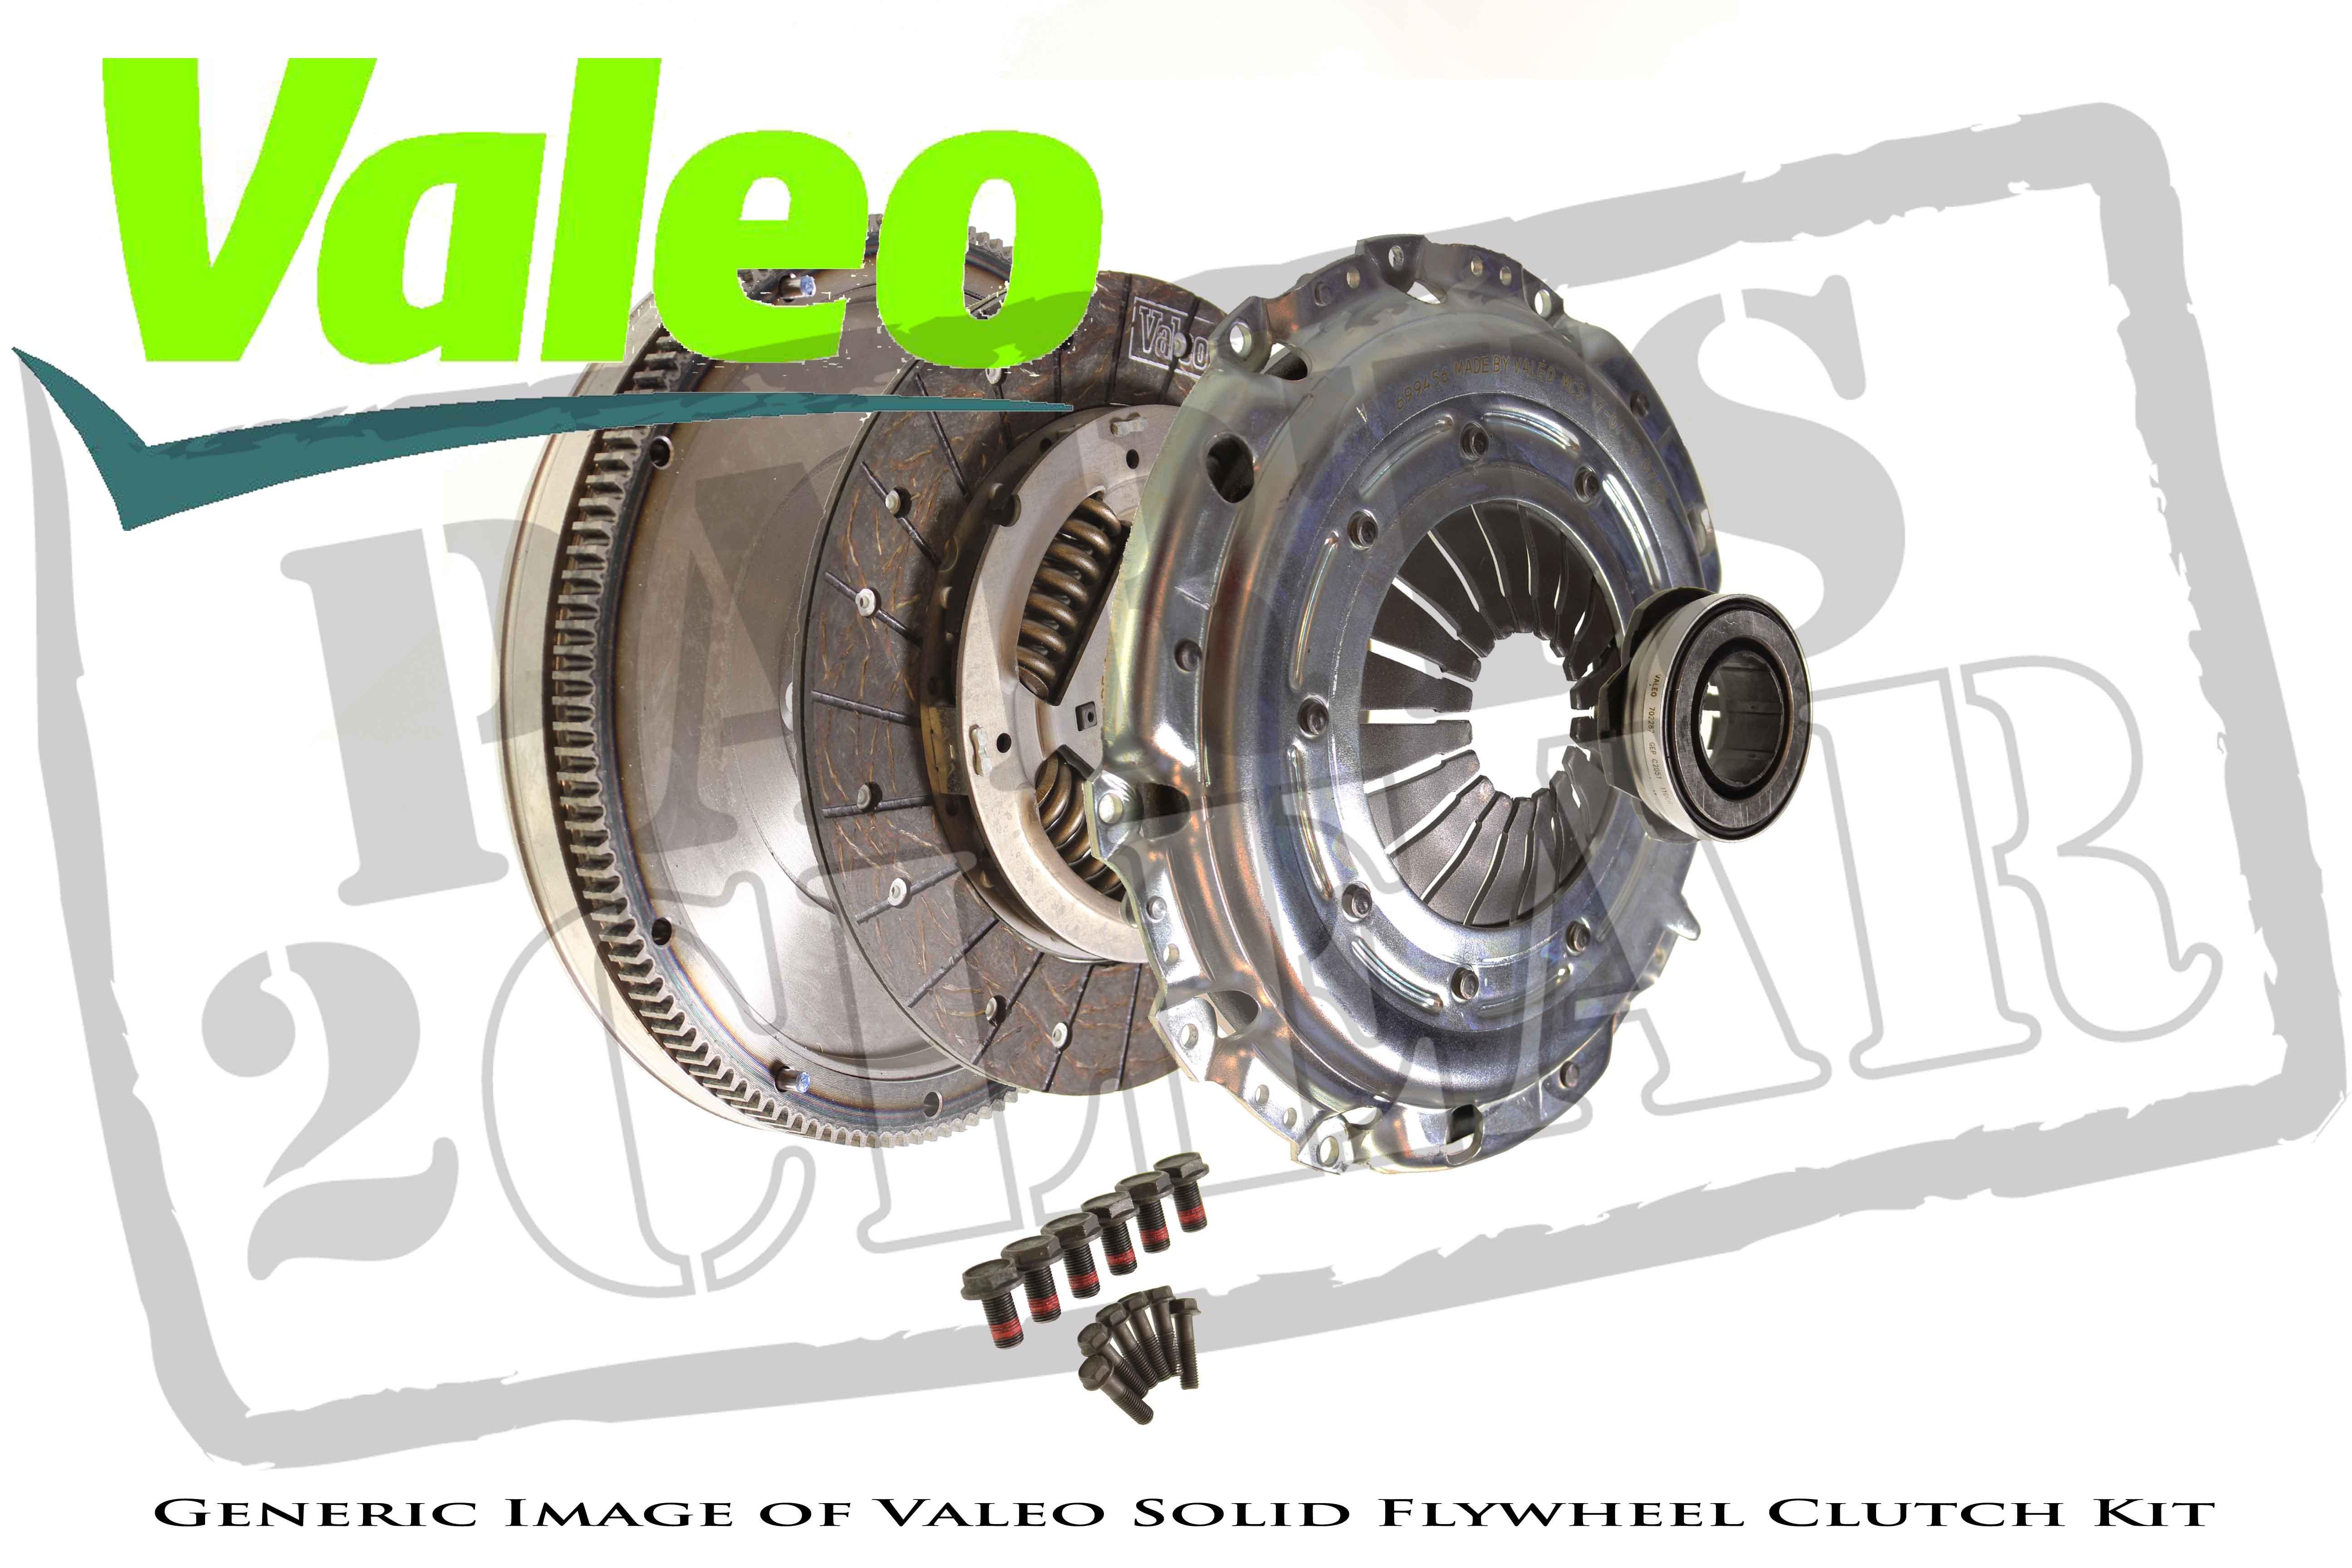 Audi A4 1.9 Tdi Valeo Dual Mass Replacement Clutch Kit 100 Bhp 2001 - 2004